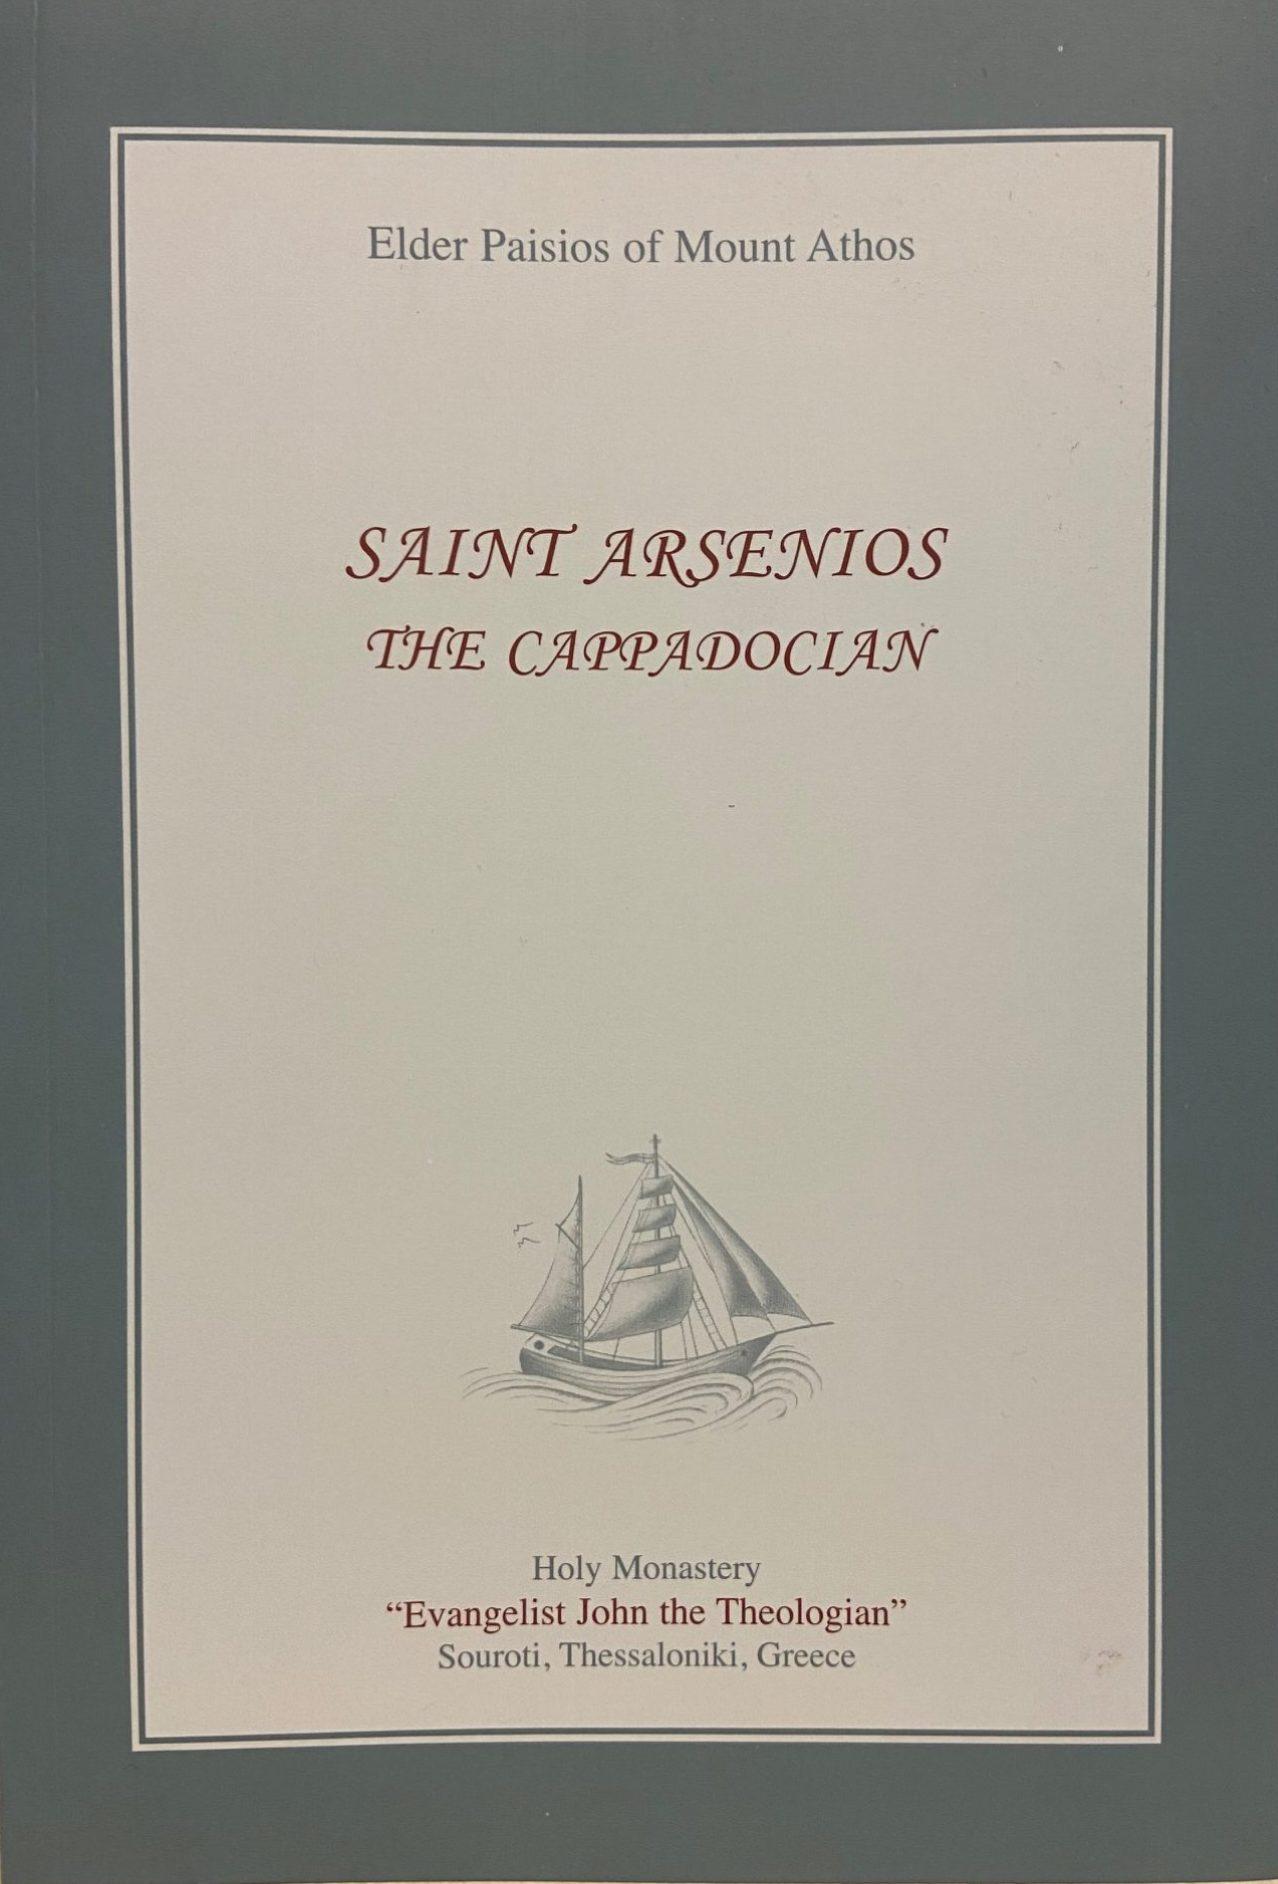 Saint Arsenios the Cappadocian